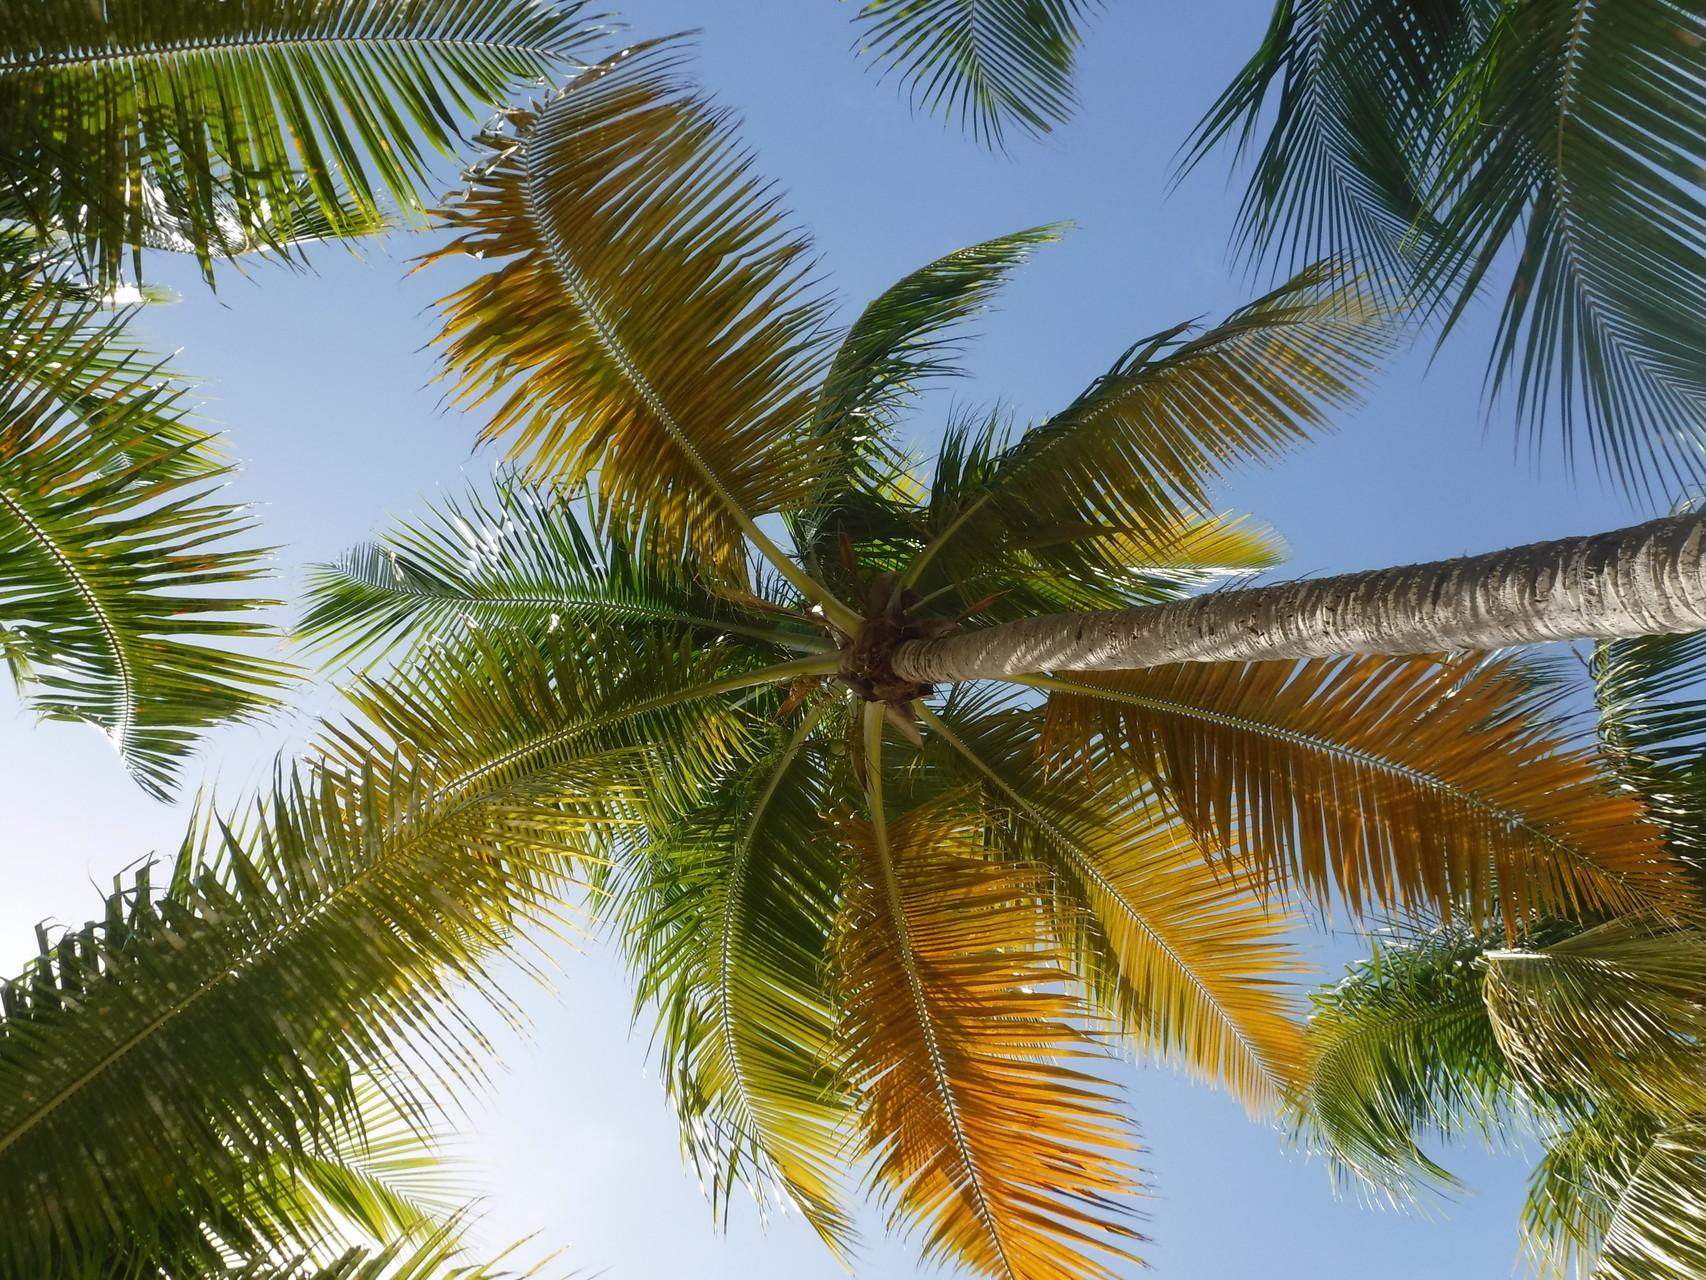 Palmiers de la plage de la caravelle